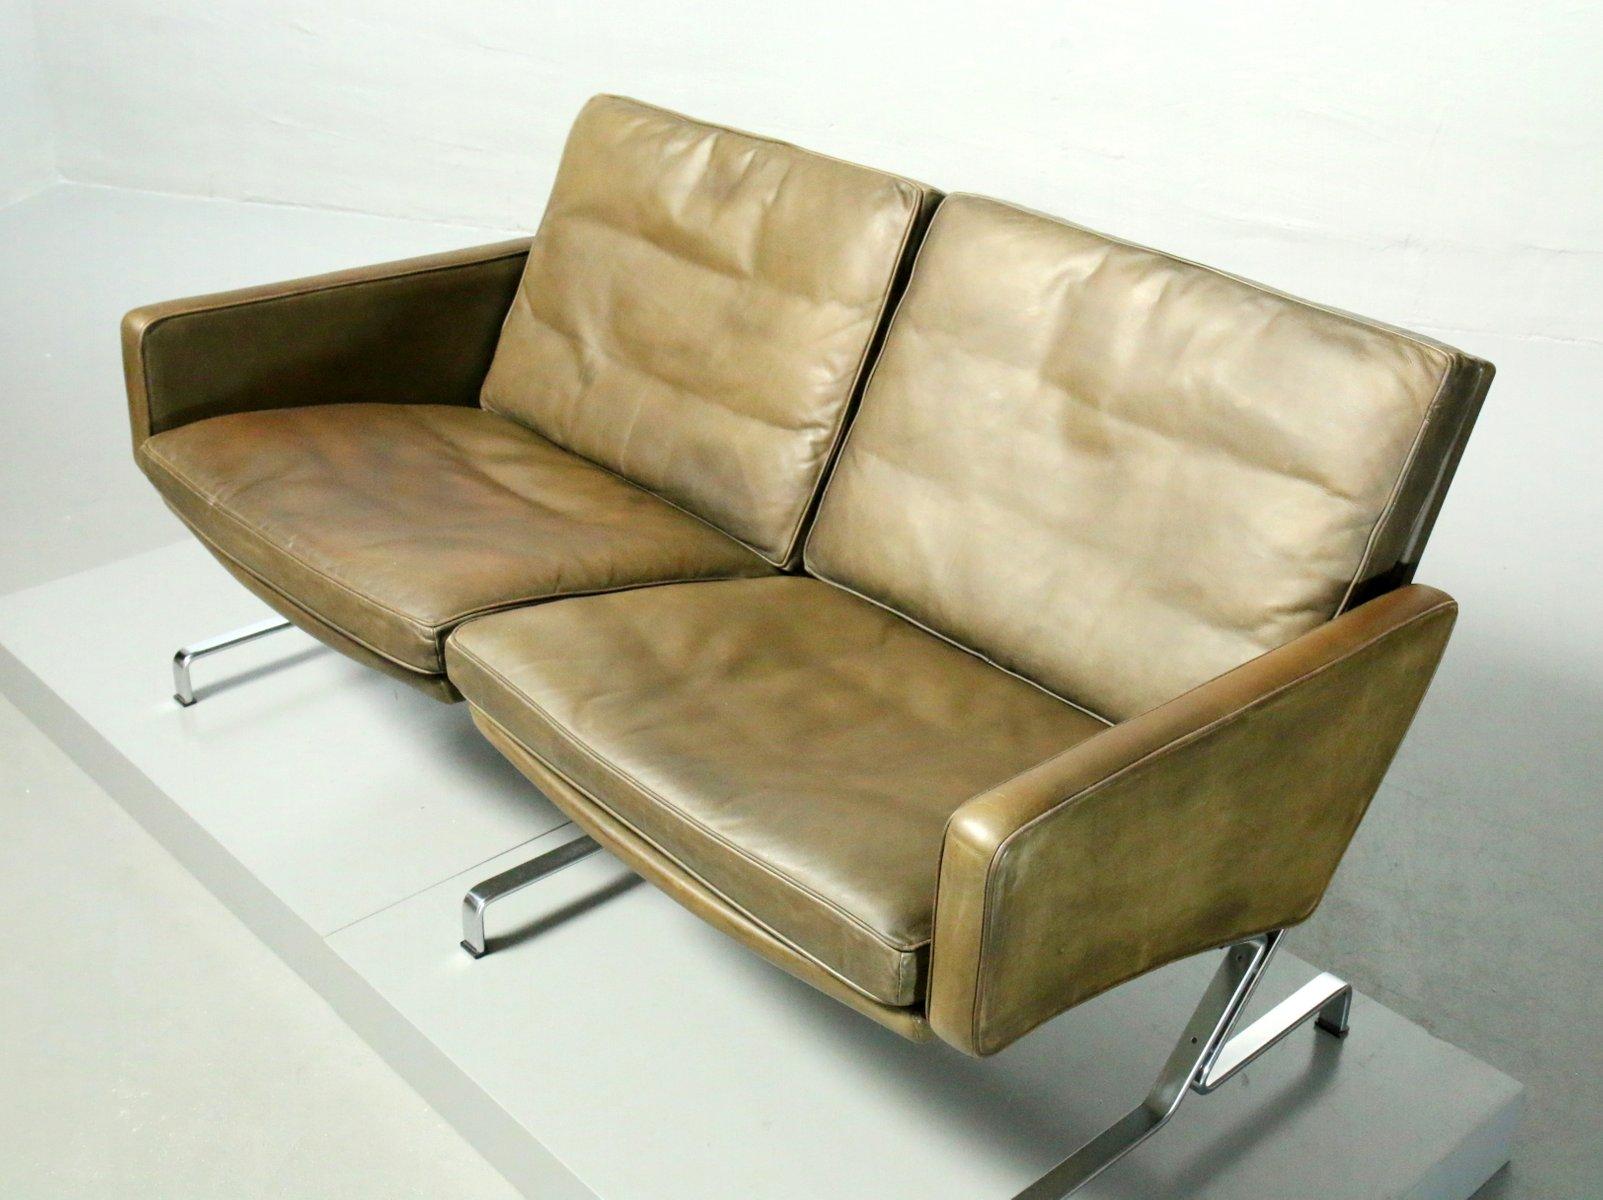 vintage jk 730 zwei sitzer sofa von j rgen kastholm f r kill international bei pamono kaufen. Black Bedroom Furniture Sets. Home Design Ideas